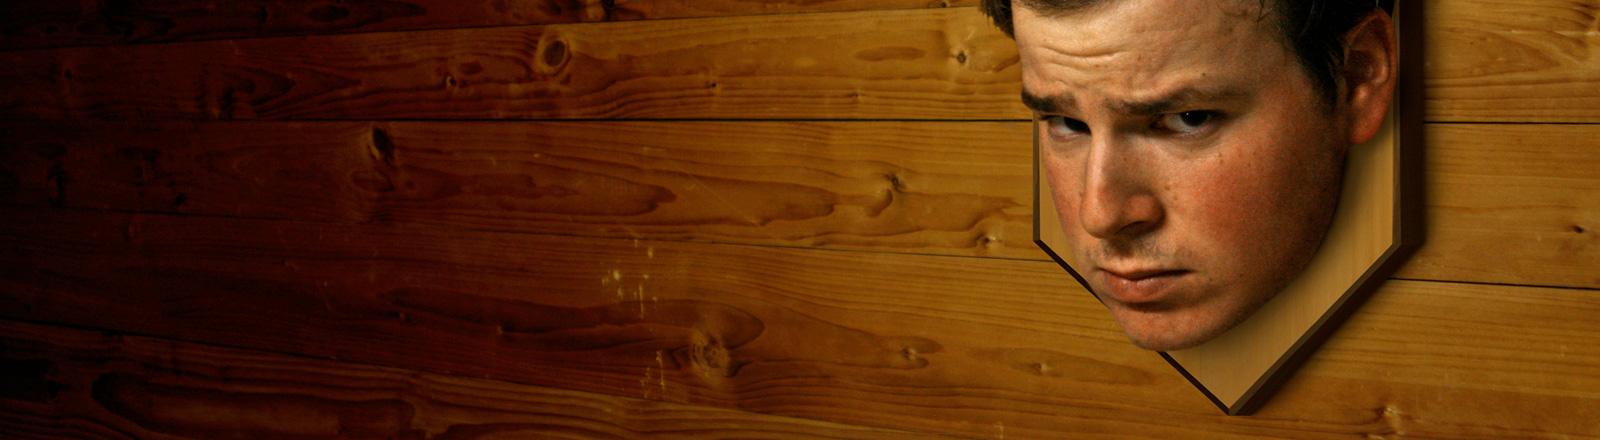 Der Kopf eines Mannes hängt wie eine Jagdtrophäe an einer Holzwand.